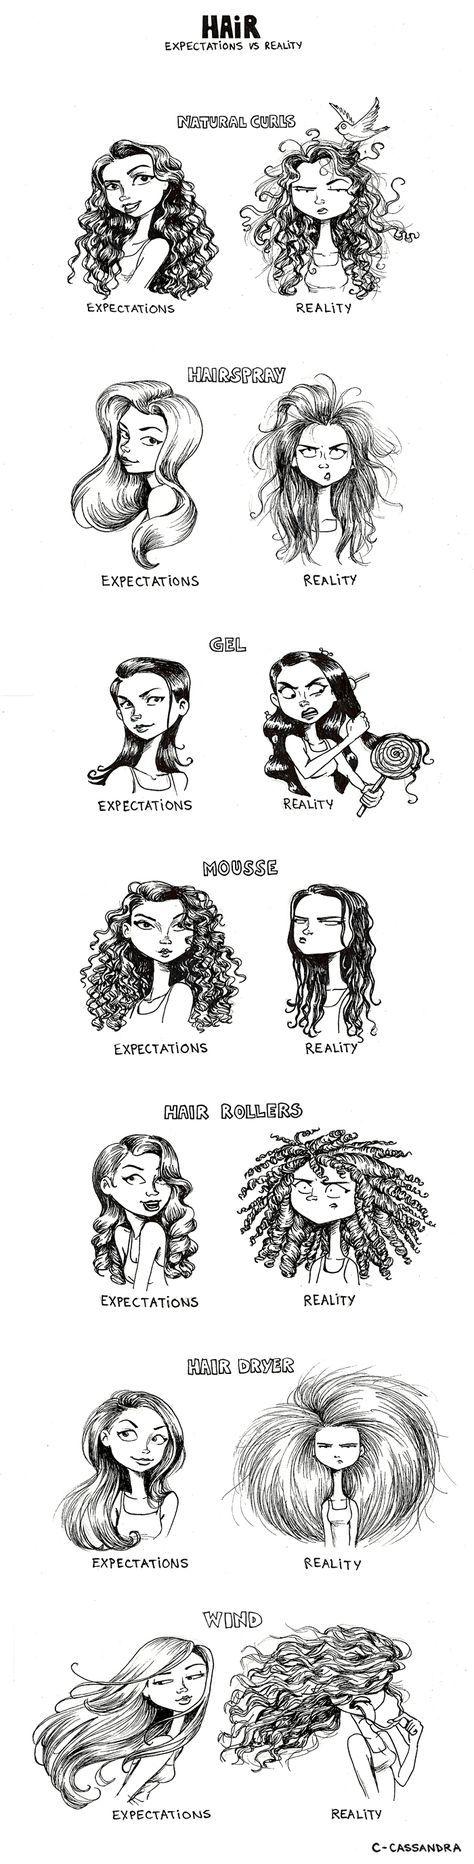 C. Cassandra - Comics - Hair expectations vs reality